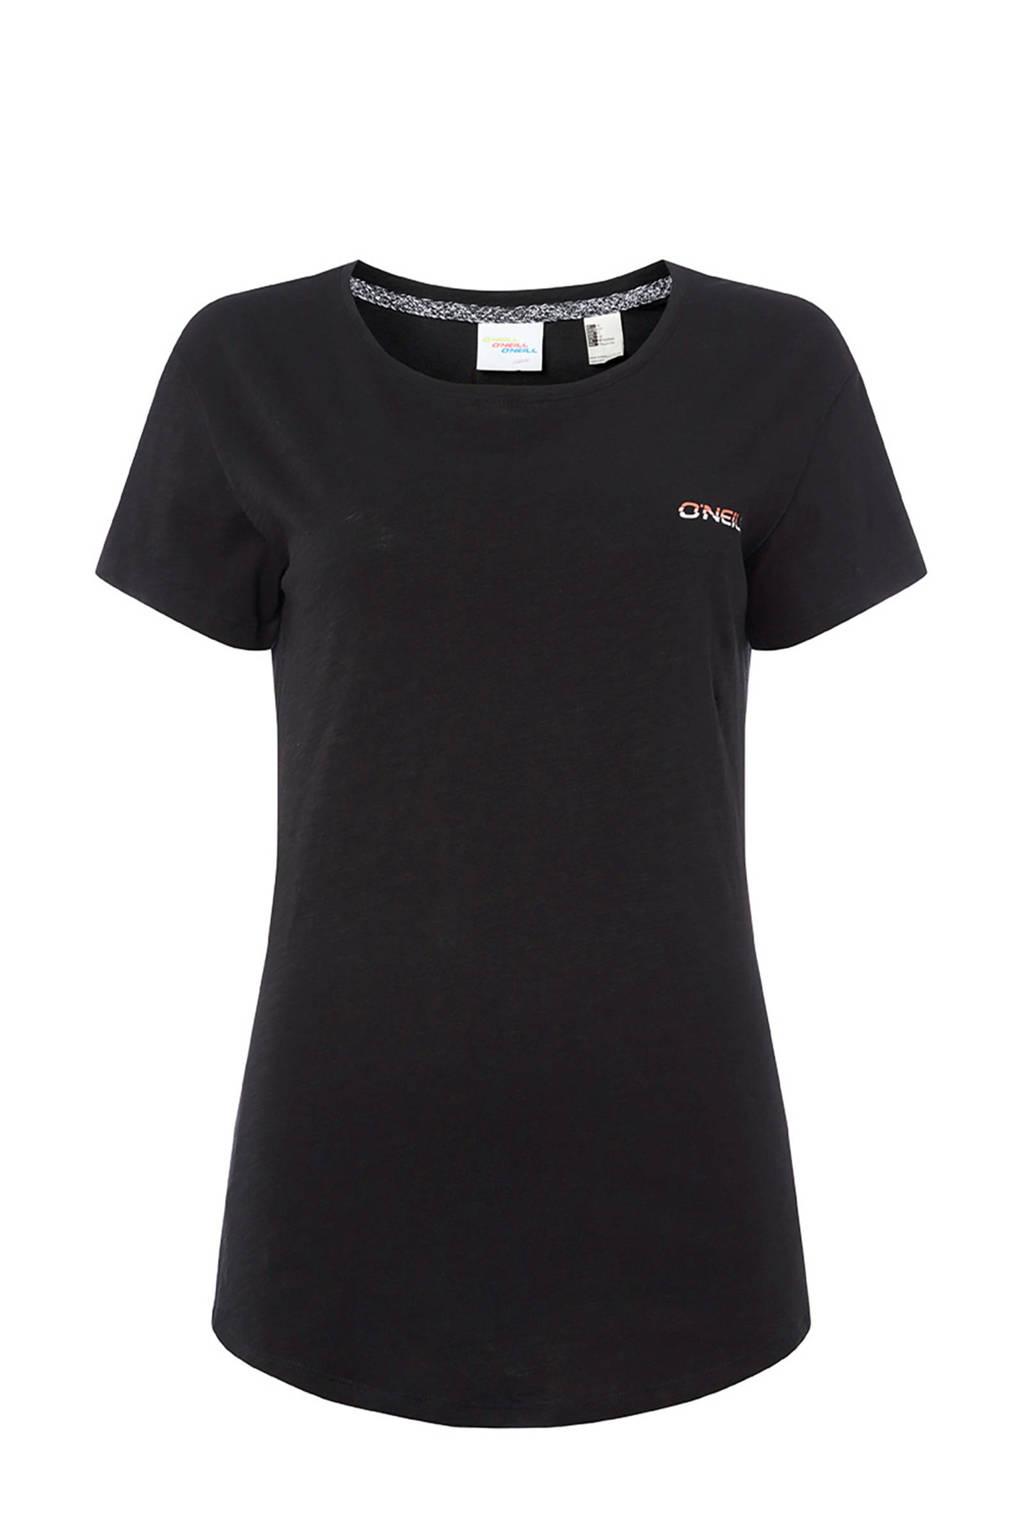 O'Neill T-shirt met printopdruk zwart, Zwart